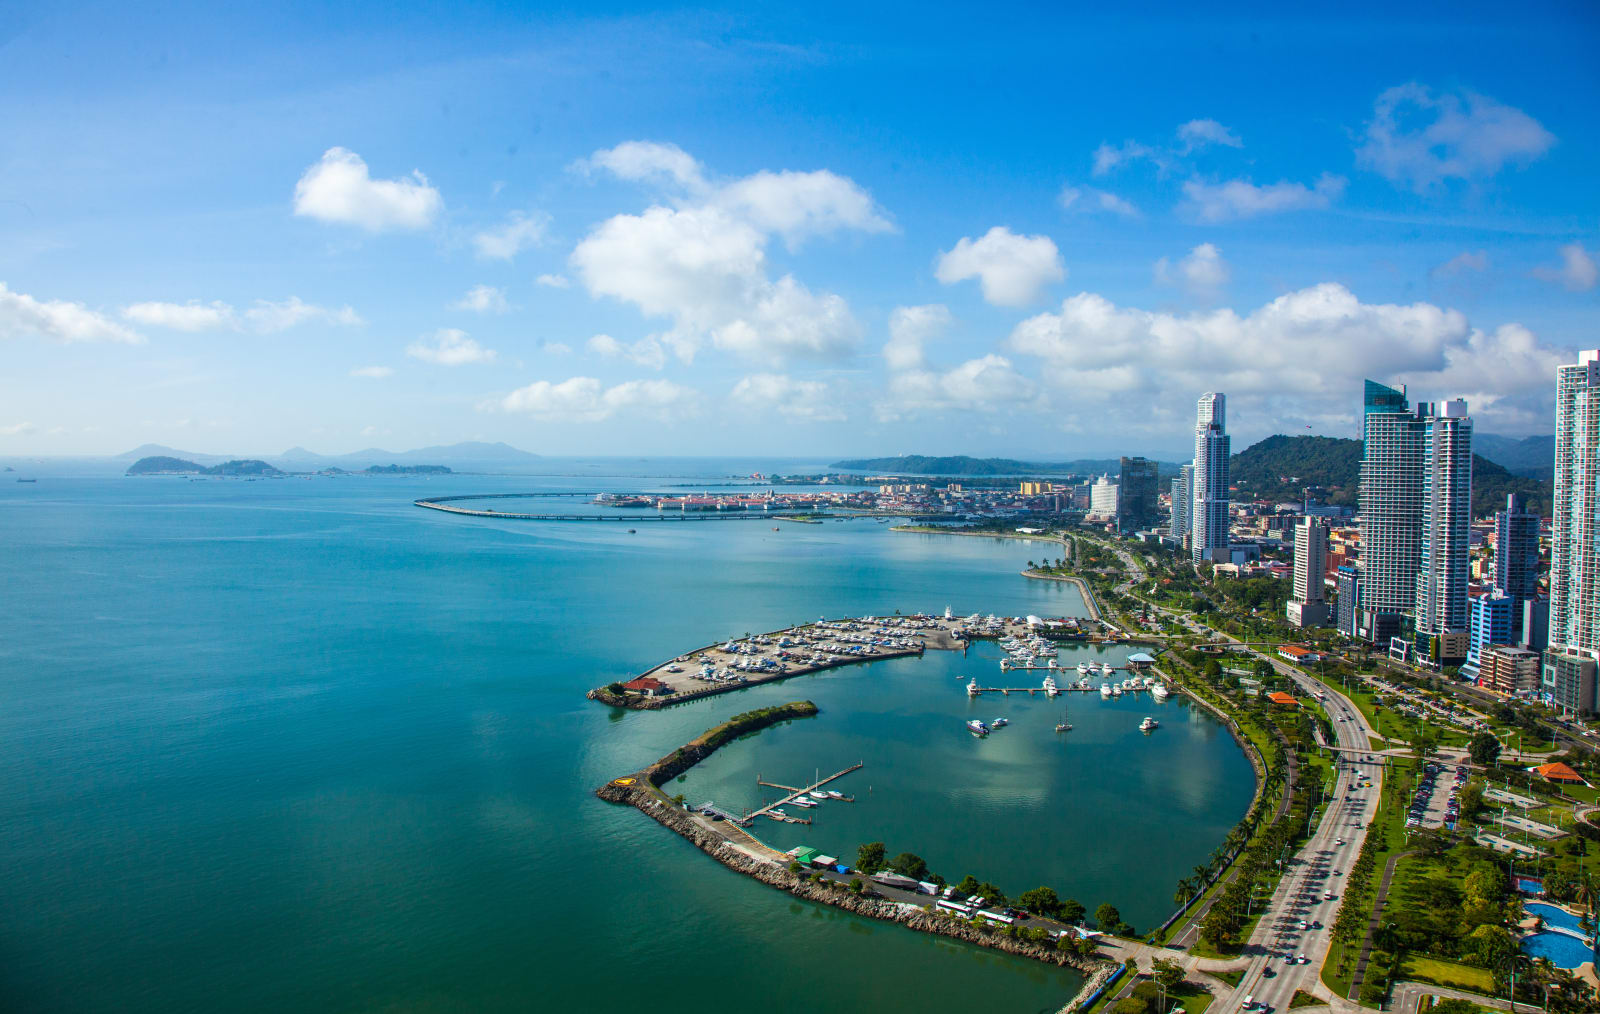 Panama City, Provincia de Panamá, Panama